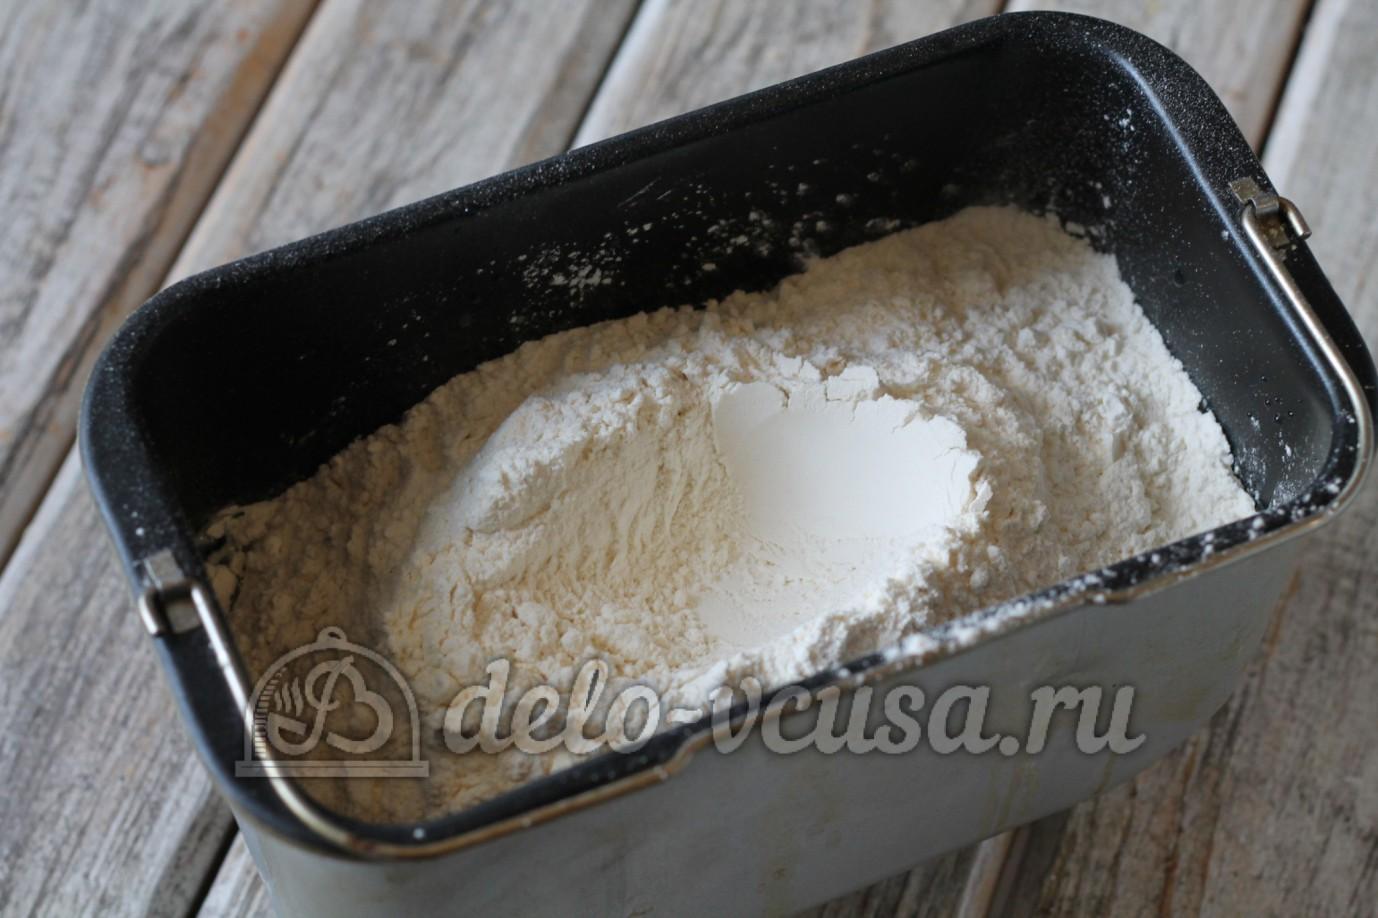 Бездрожжевой домашний хлеб простые рецепты с фото и видео